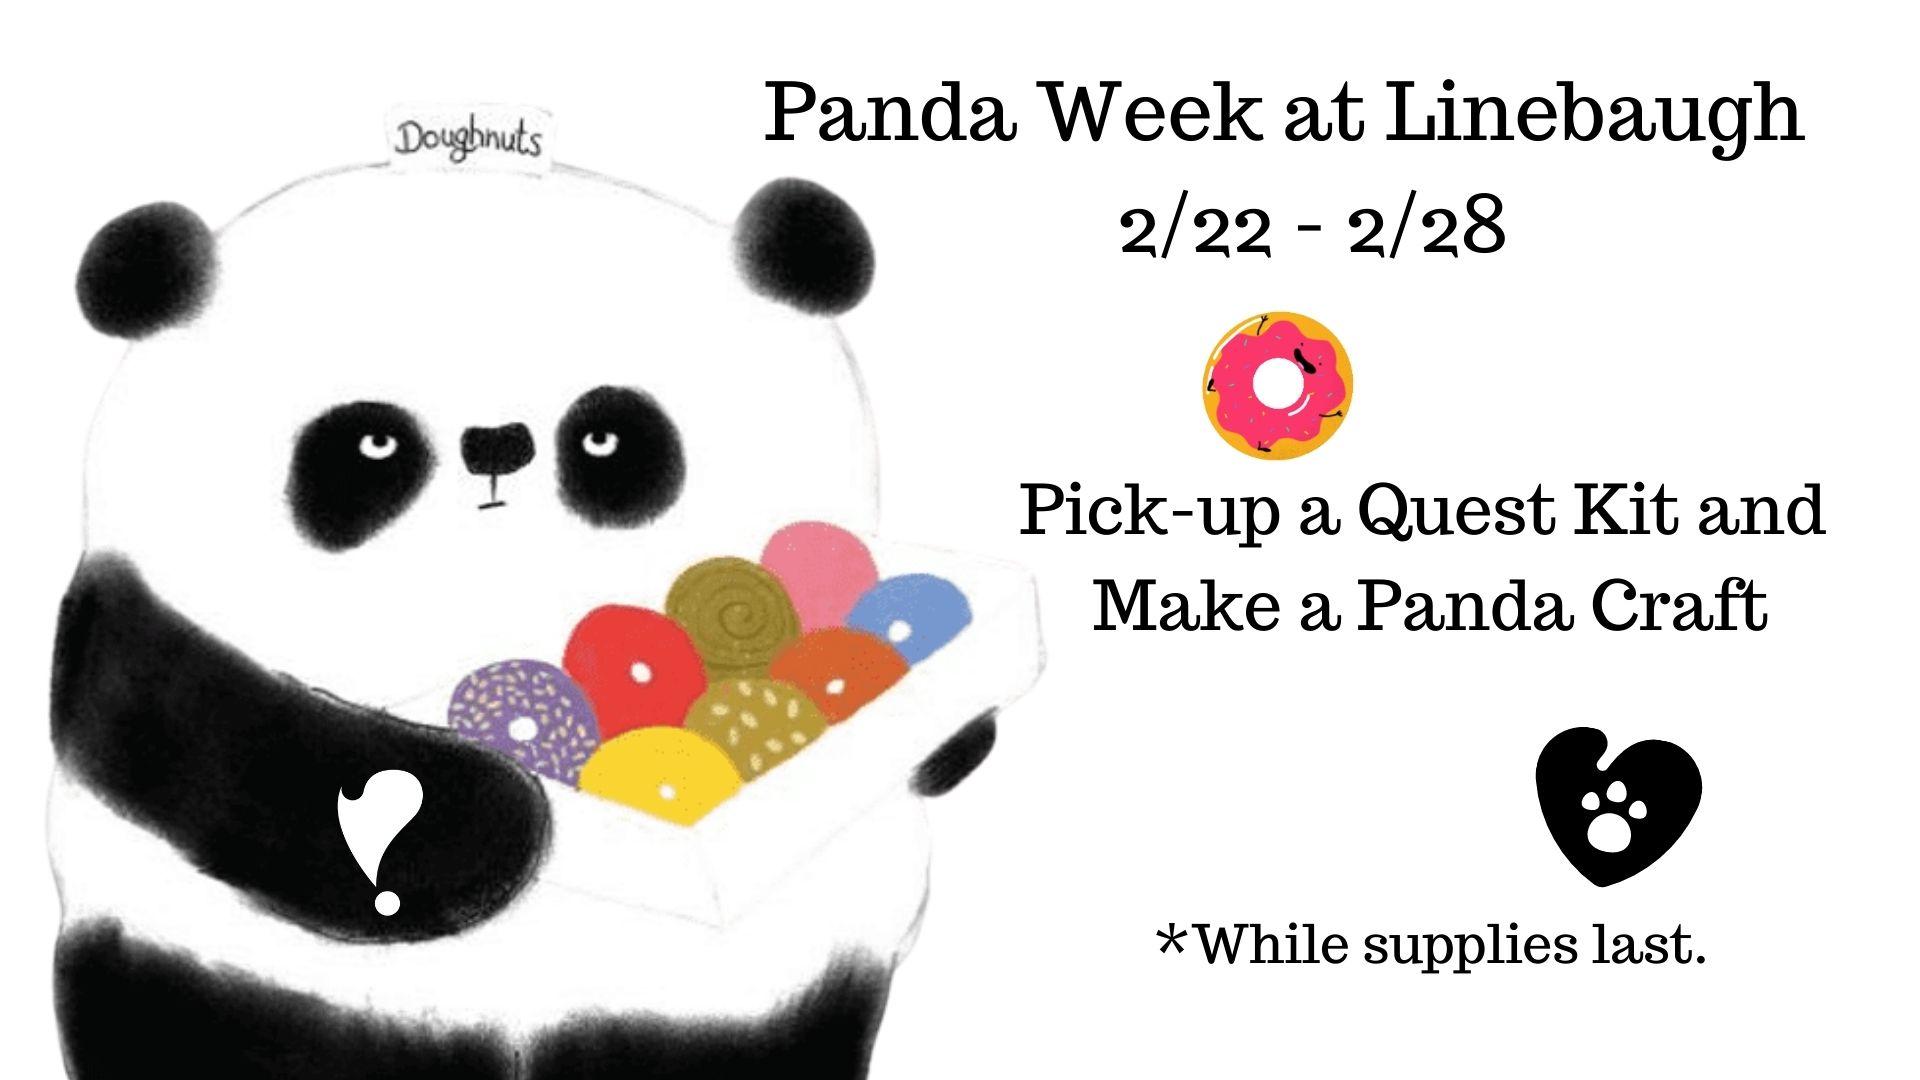 Panda Week at Linebaugh